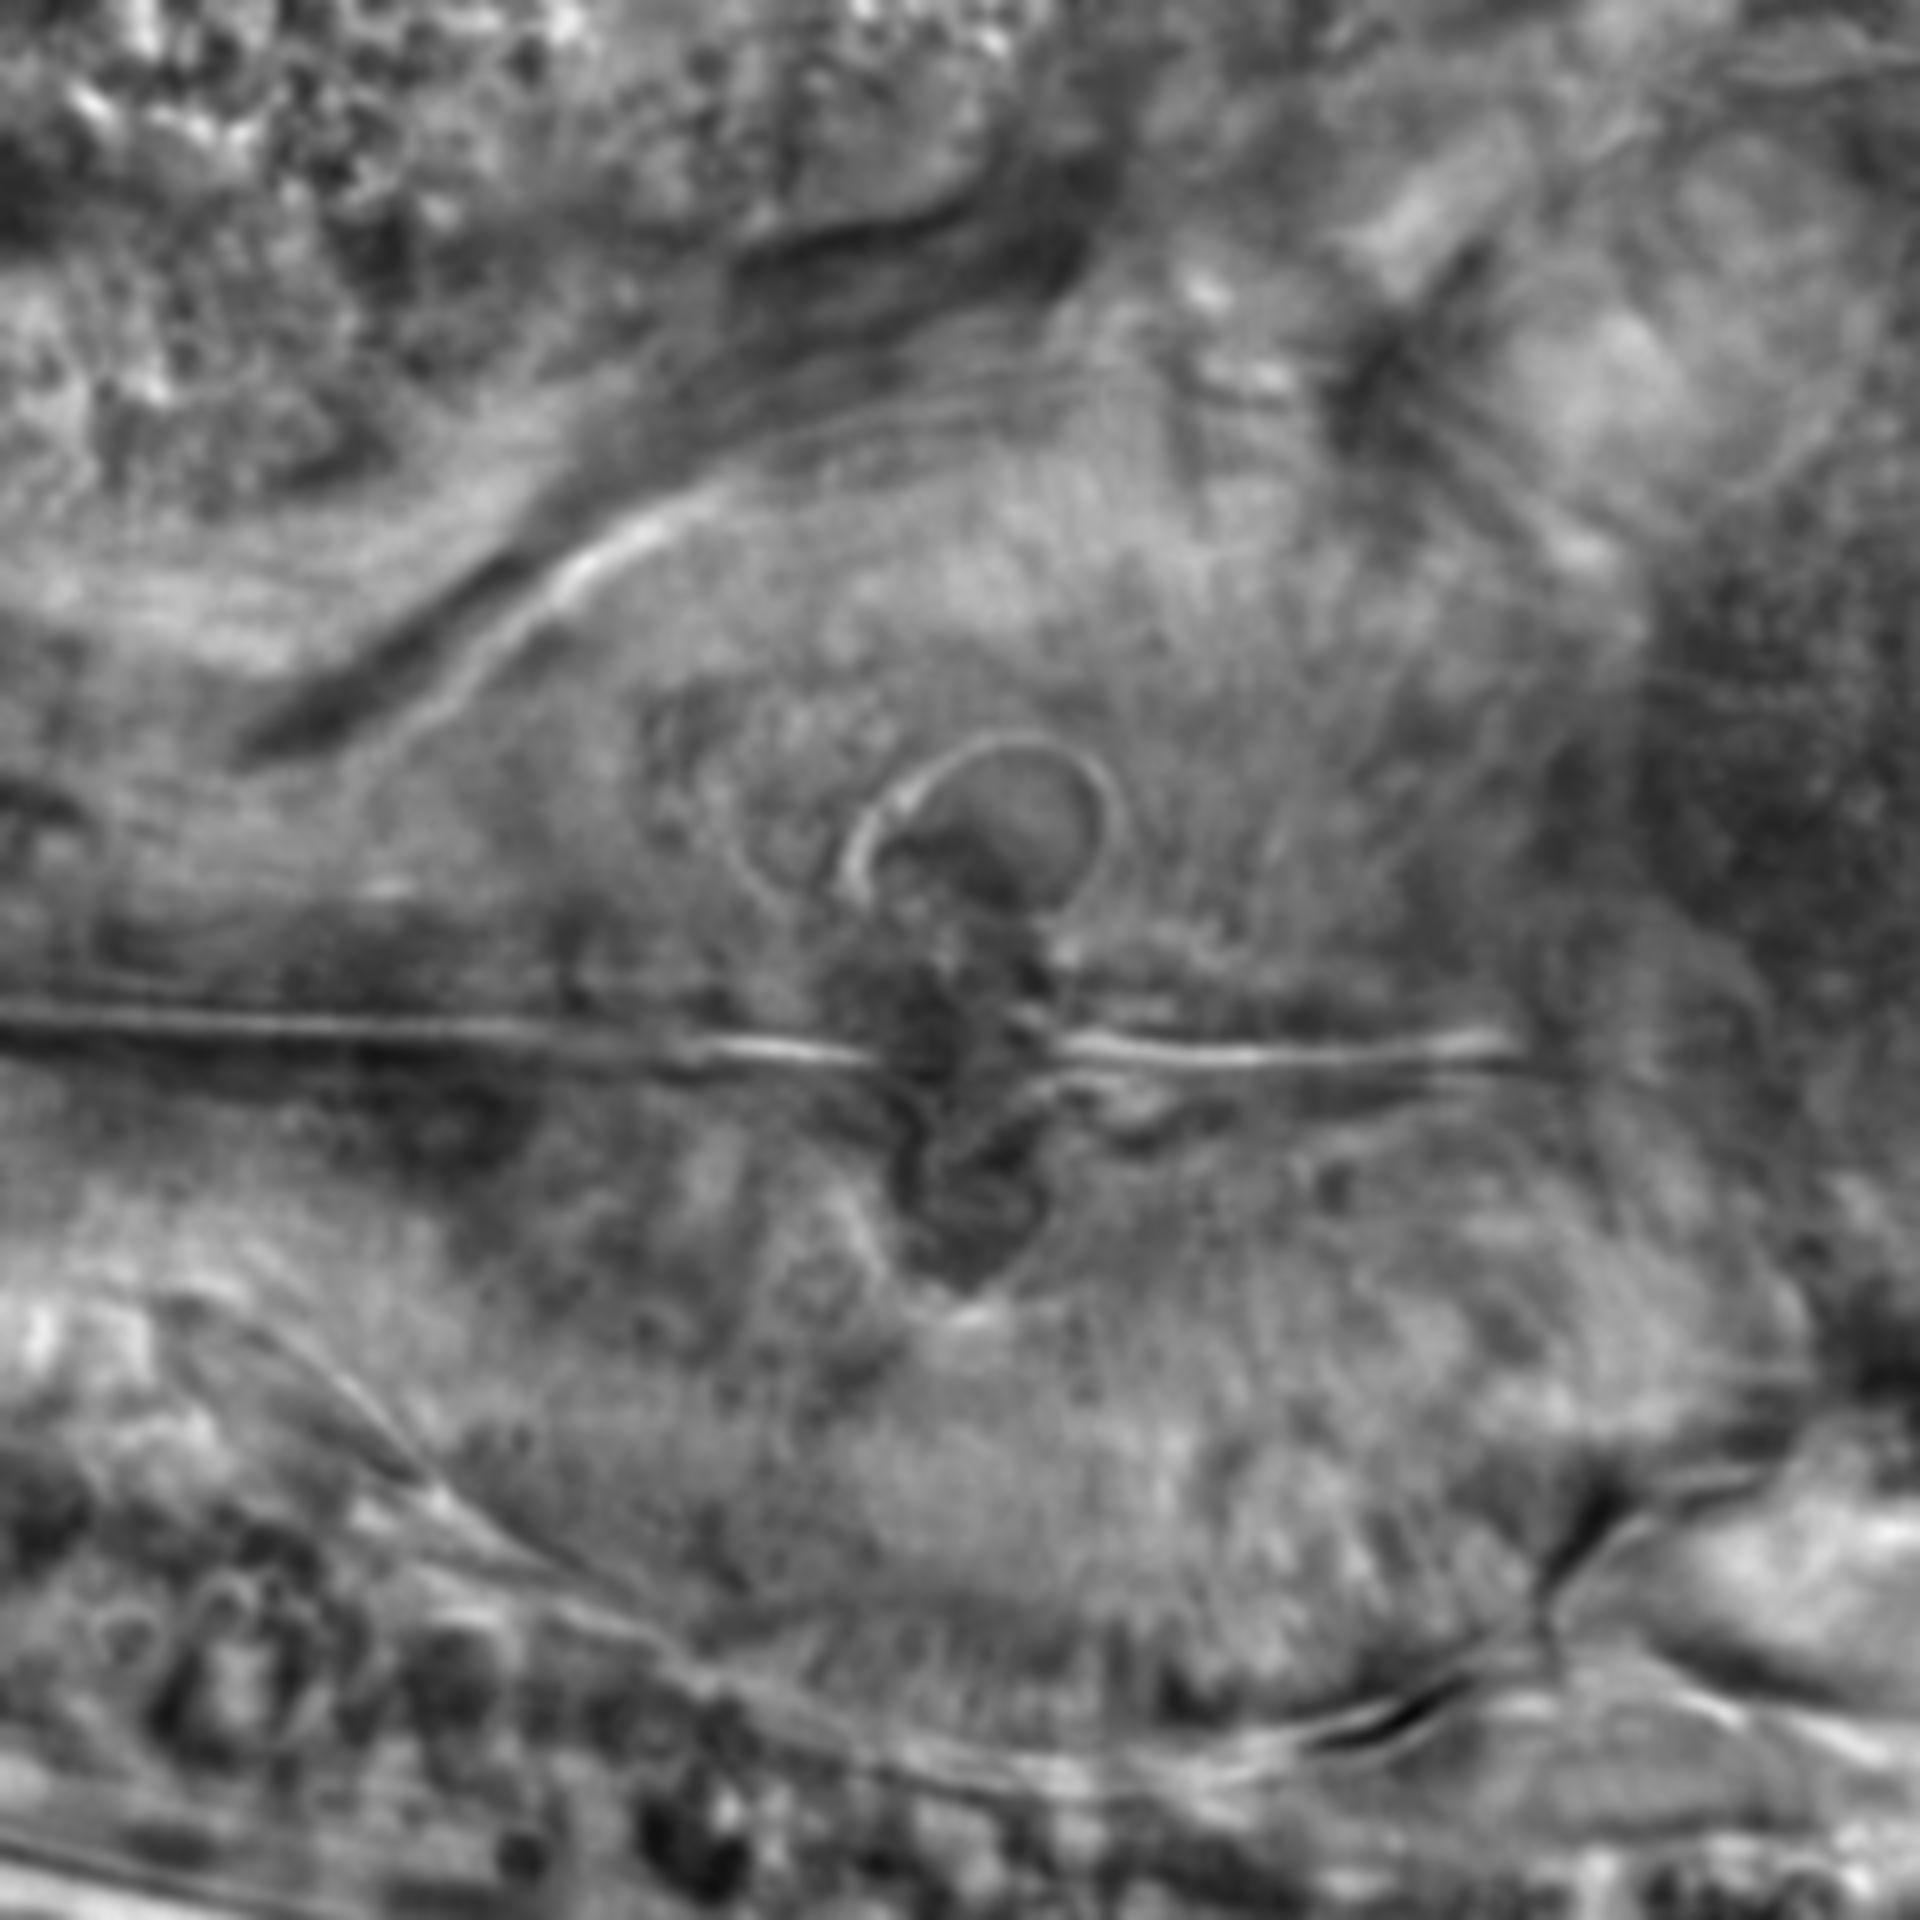 Caenorhabditis elegans - CIL:2242